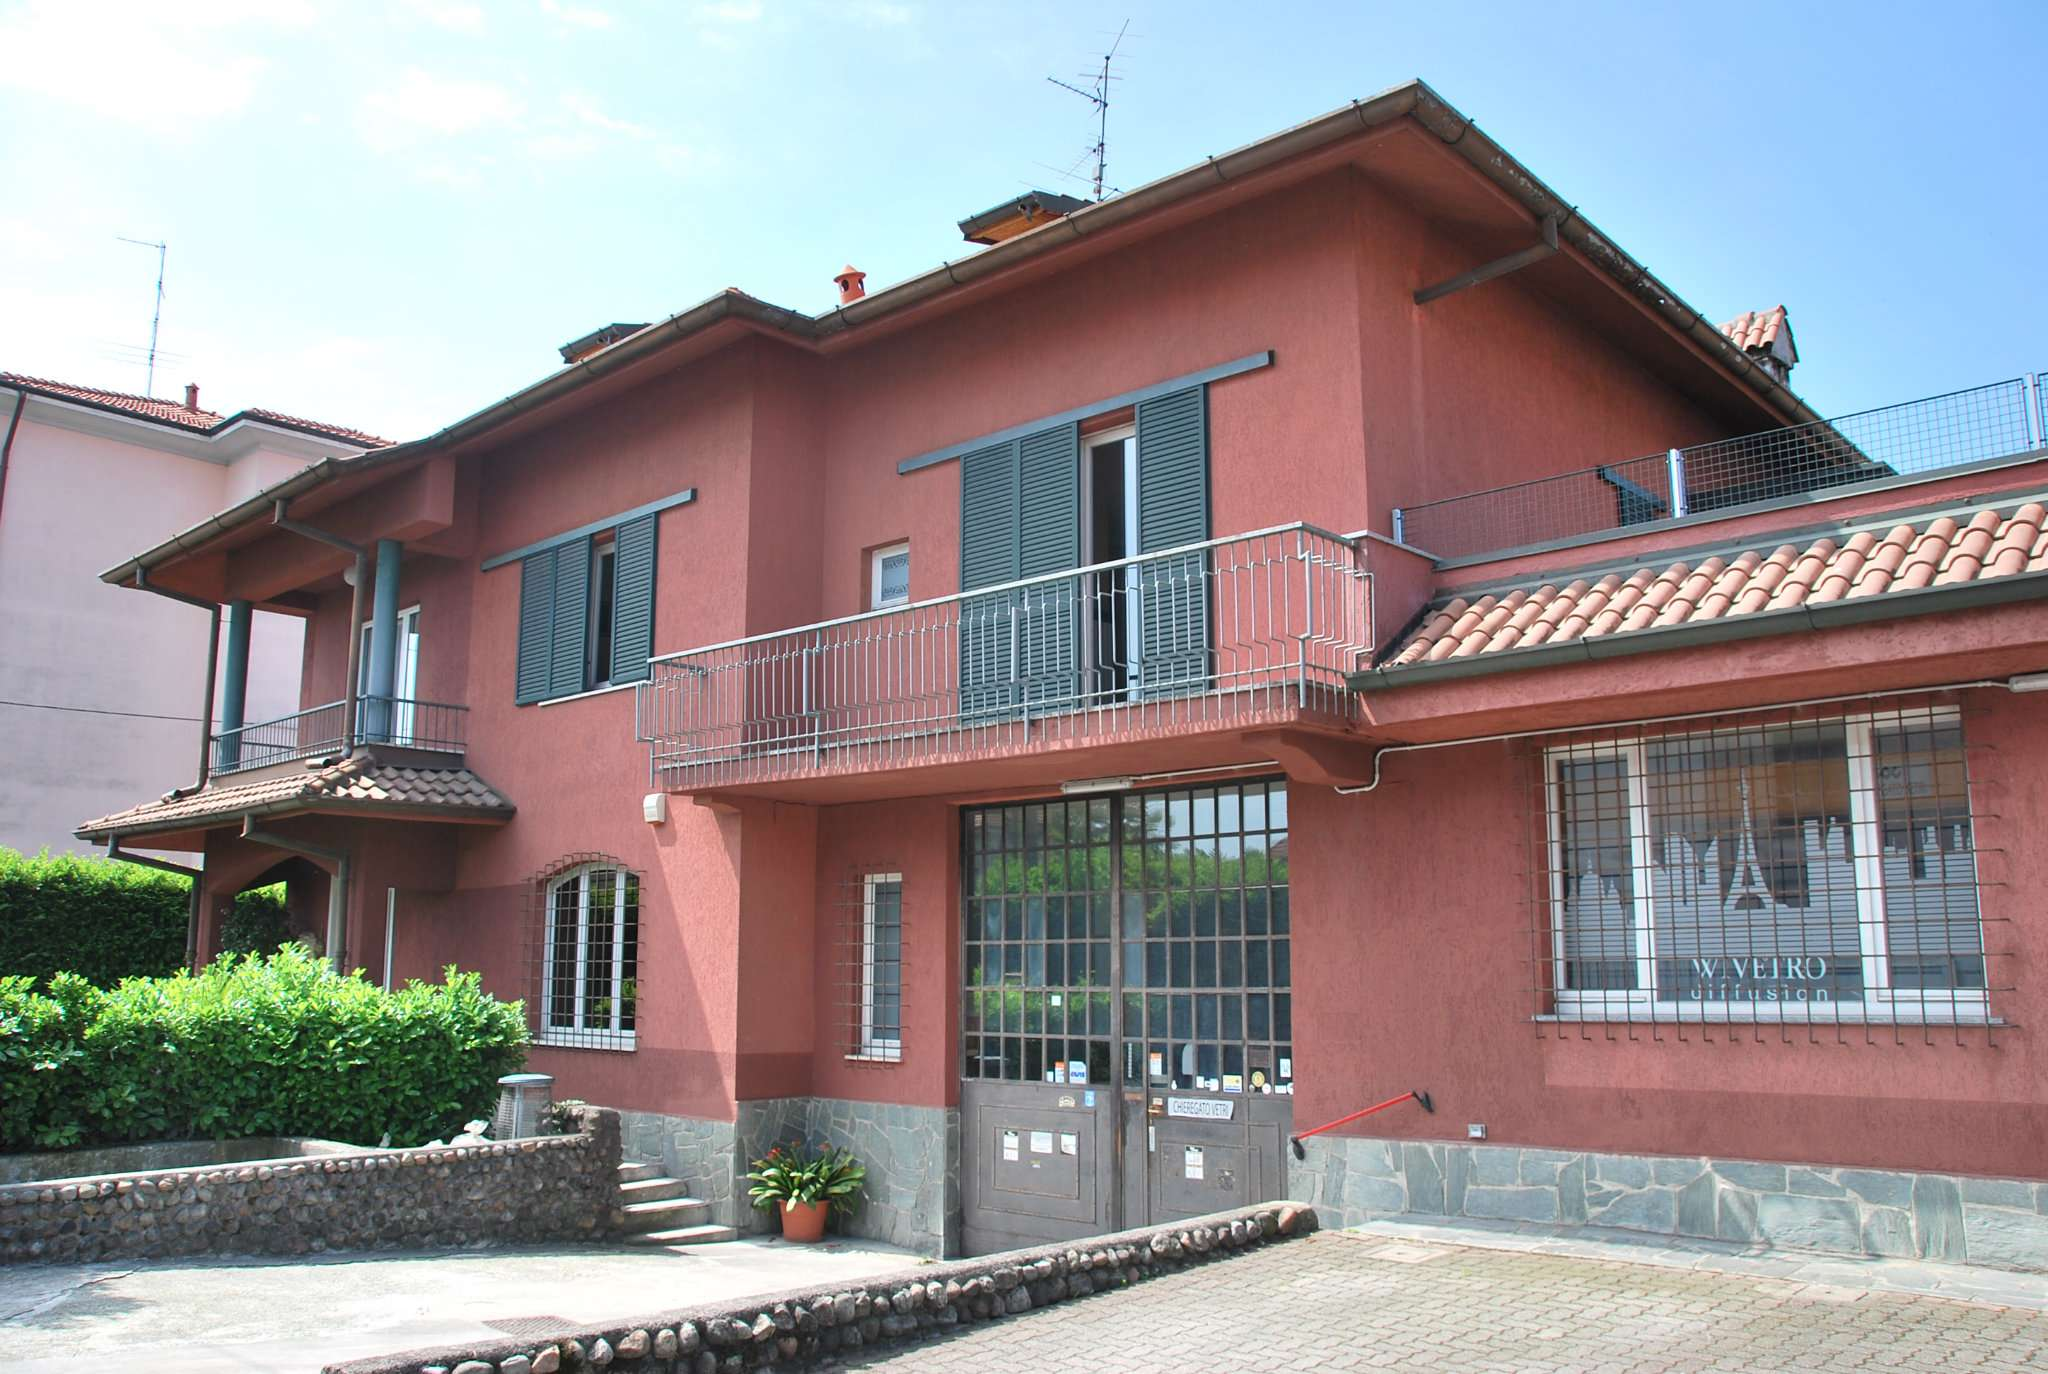 Soluzione Indipendente in vendita a Canegrate, 6 locali, prezzo € 440.000 | CambioCasa.it